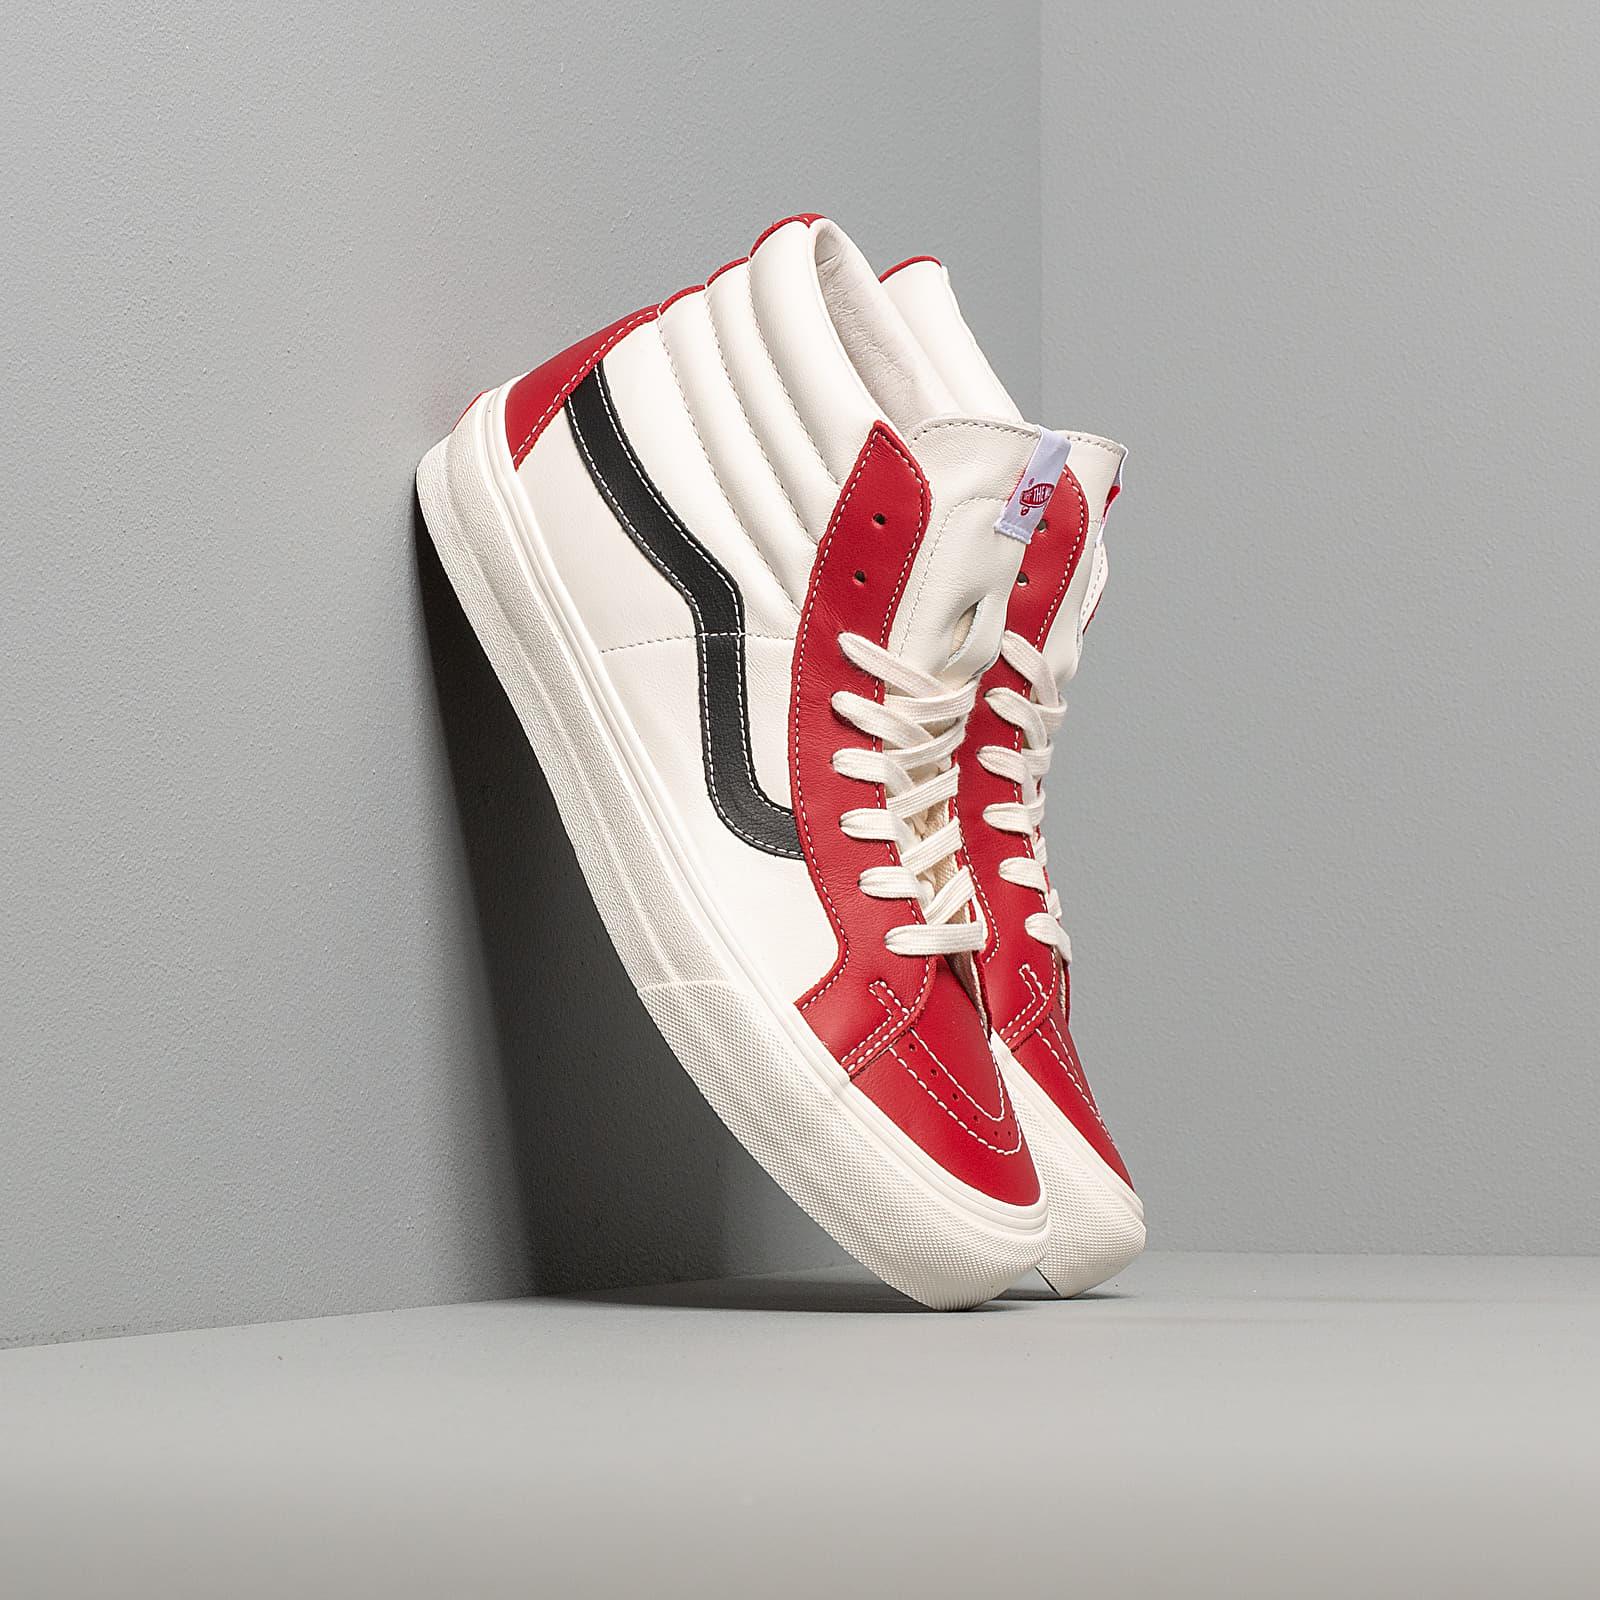 Men's shoes Vans Sk8-Hi Reissue Vl (Leather) Chilli Pepper/ Marshmallow/ Black